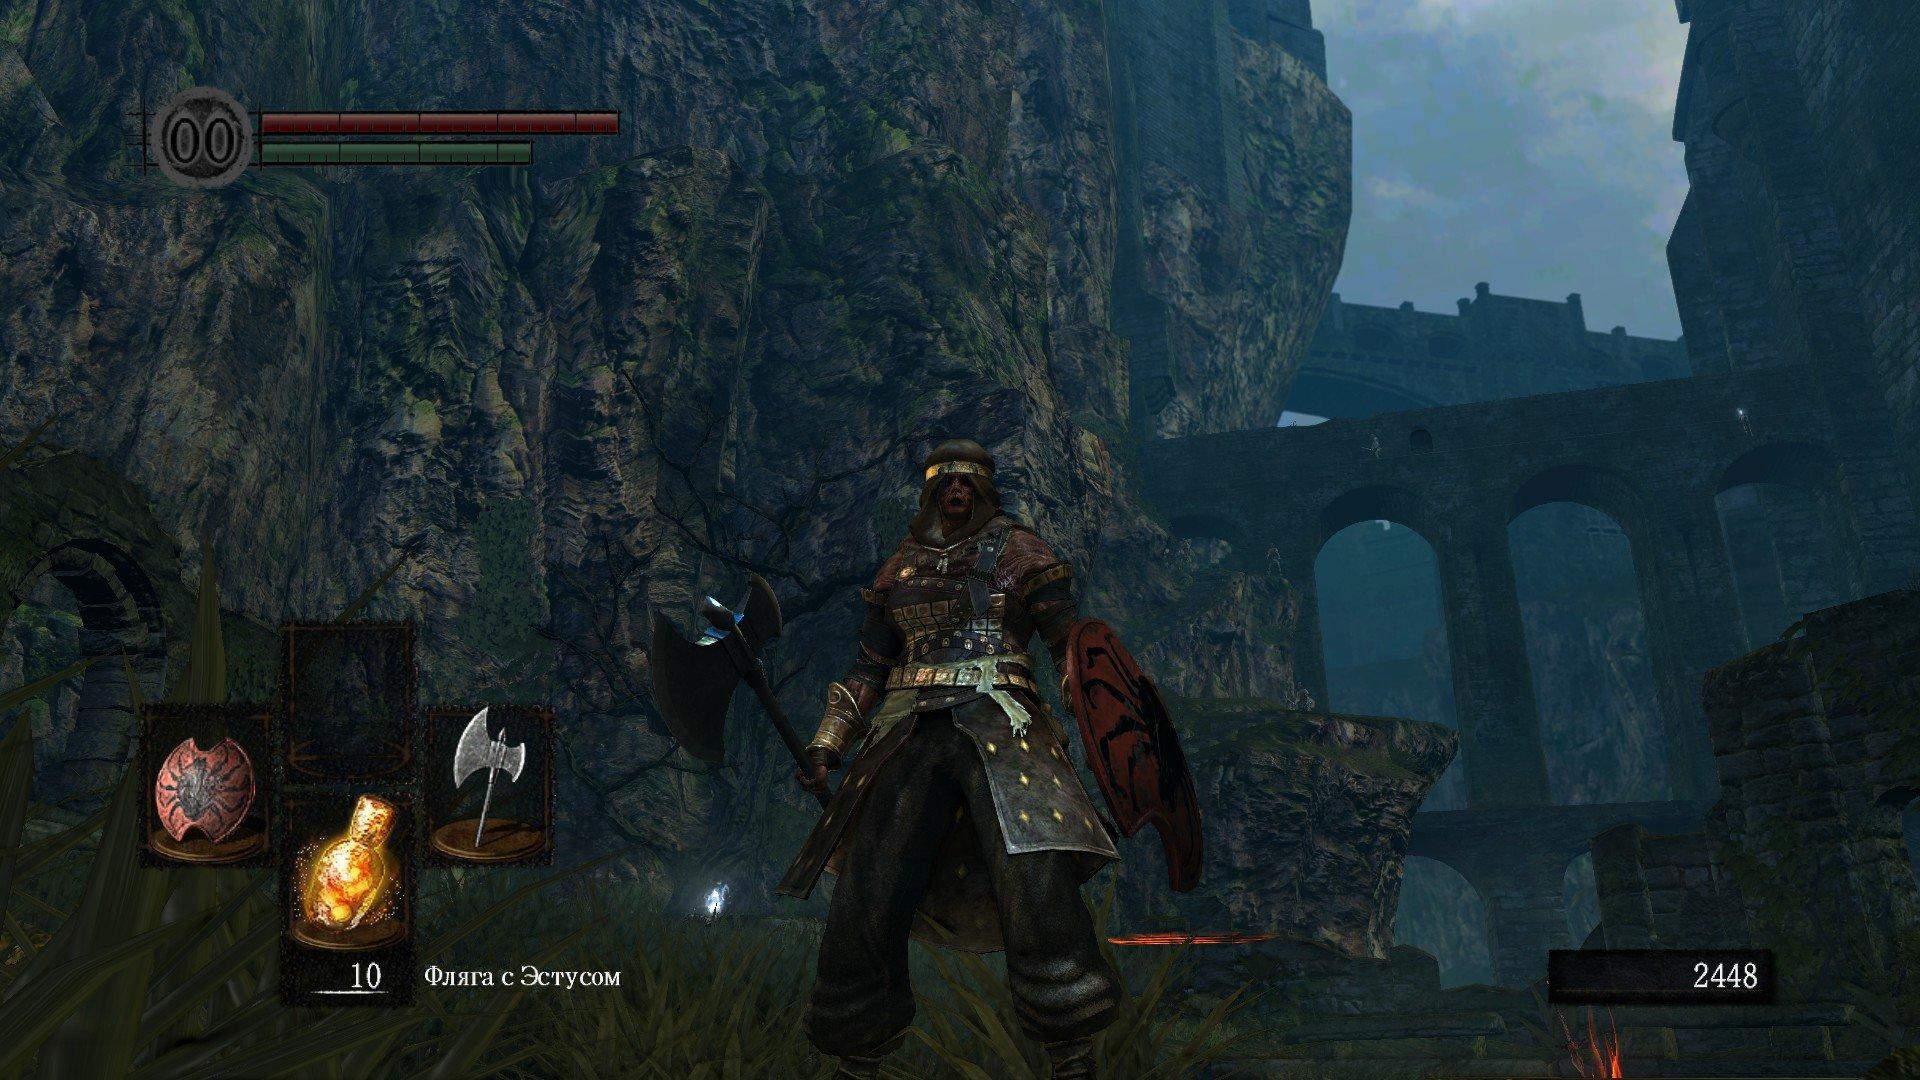 Вопль-прохождение Dark Souls часть 1 (ЗАПИСЬ) ... еще не решил, как это называть! - Изображение 6